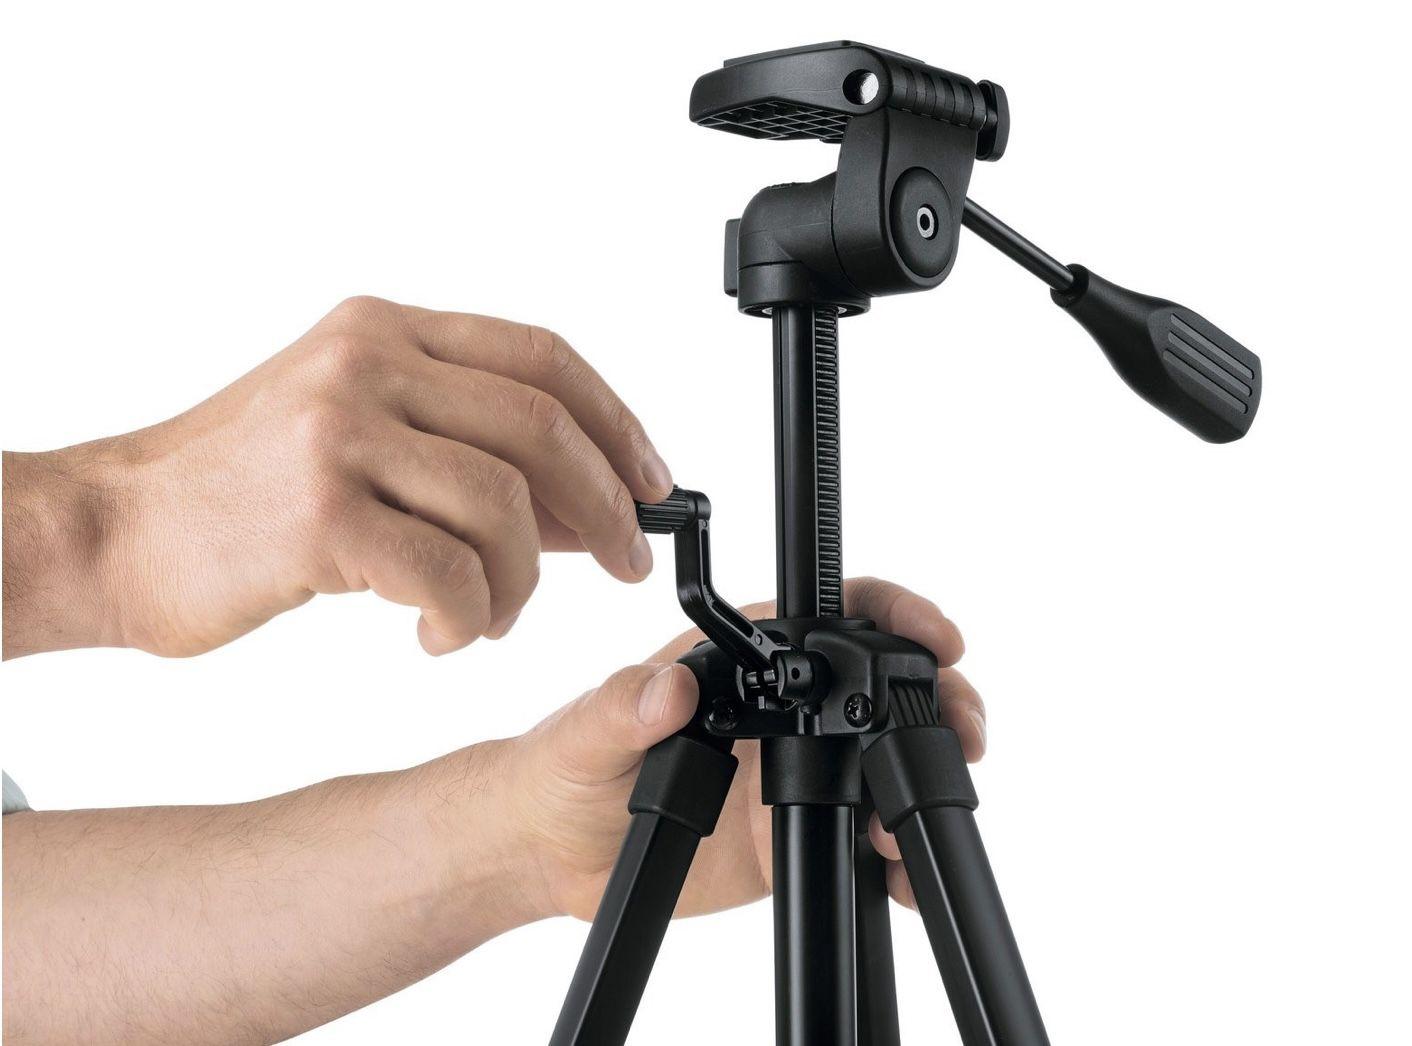 Bosch BT 150 Professional Baustativ für Laser und Nivelliergeräte für 24,99€ (statt 39€)   Prime